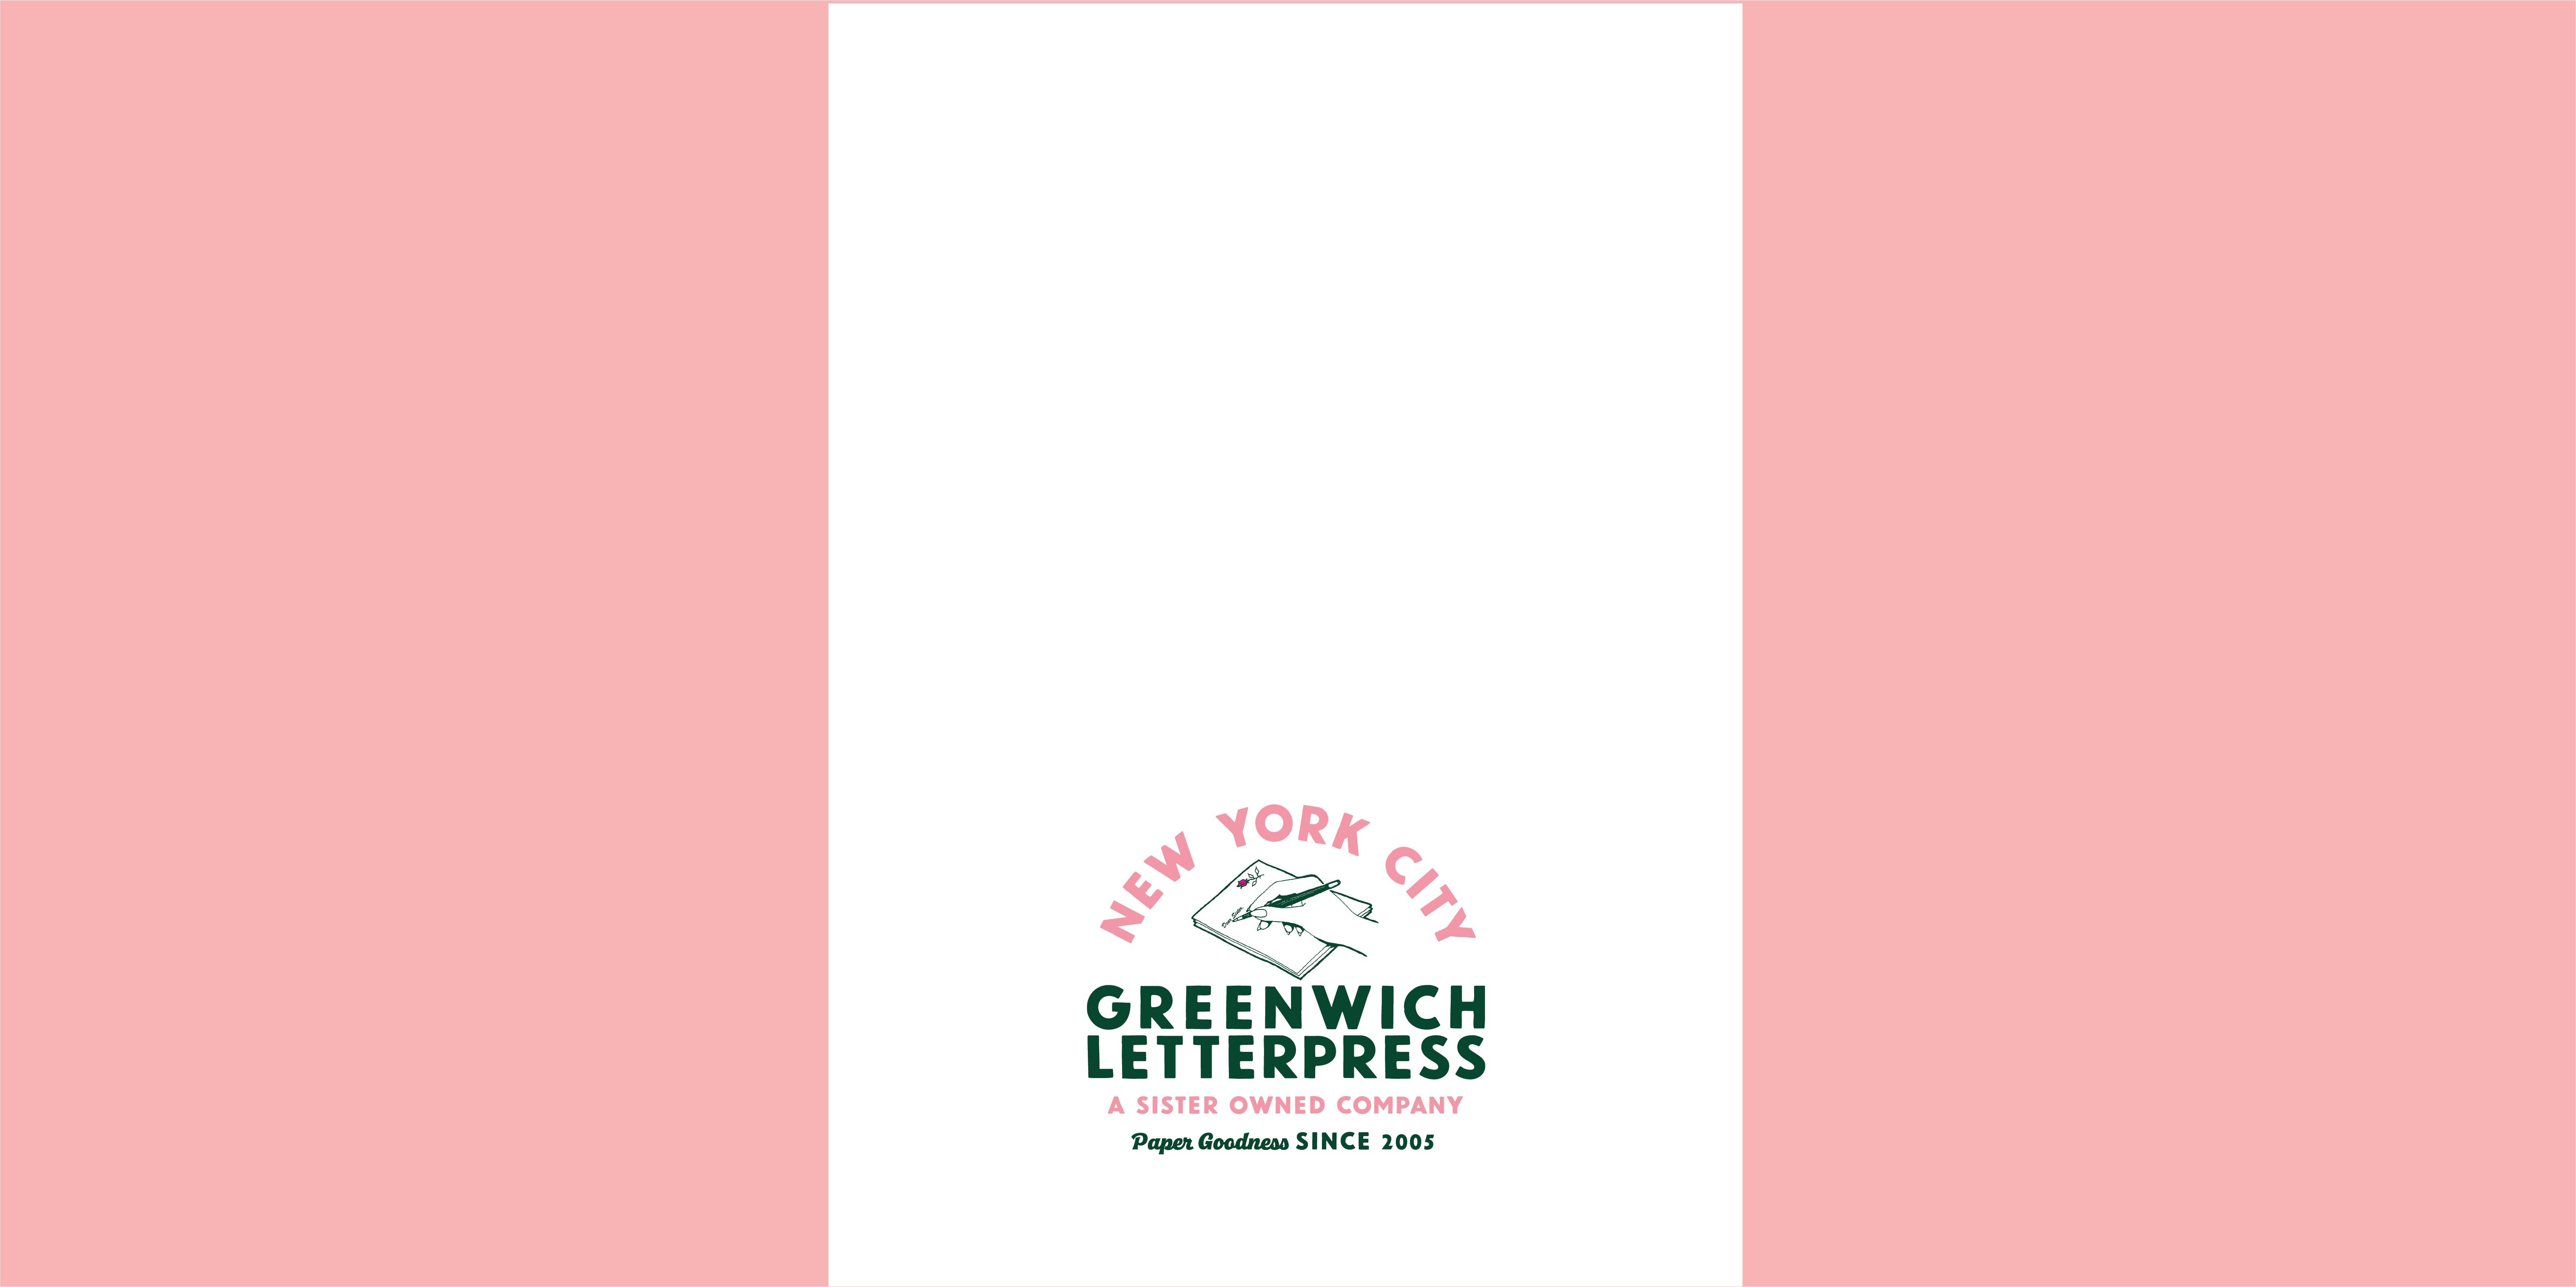 Greenwich Letterpress | LinkedIn